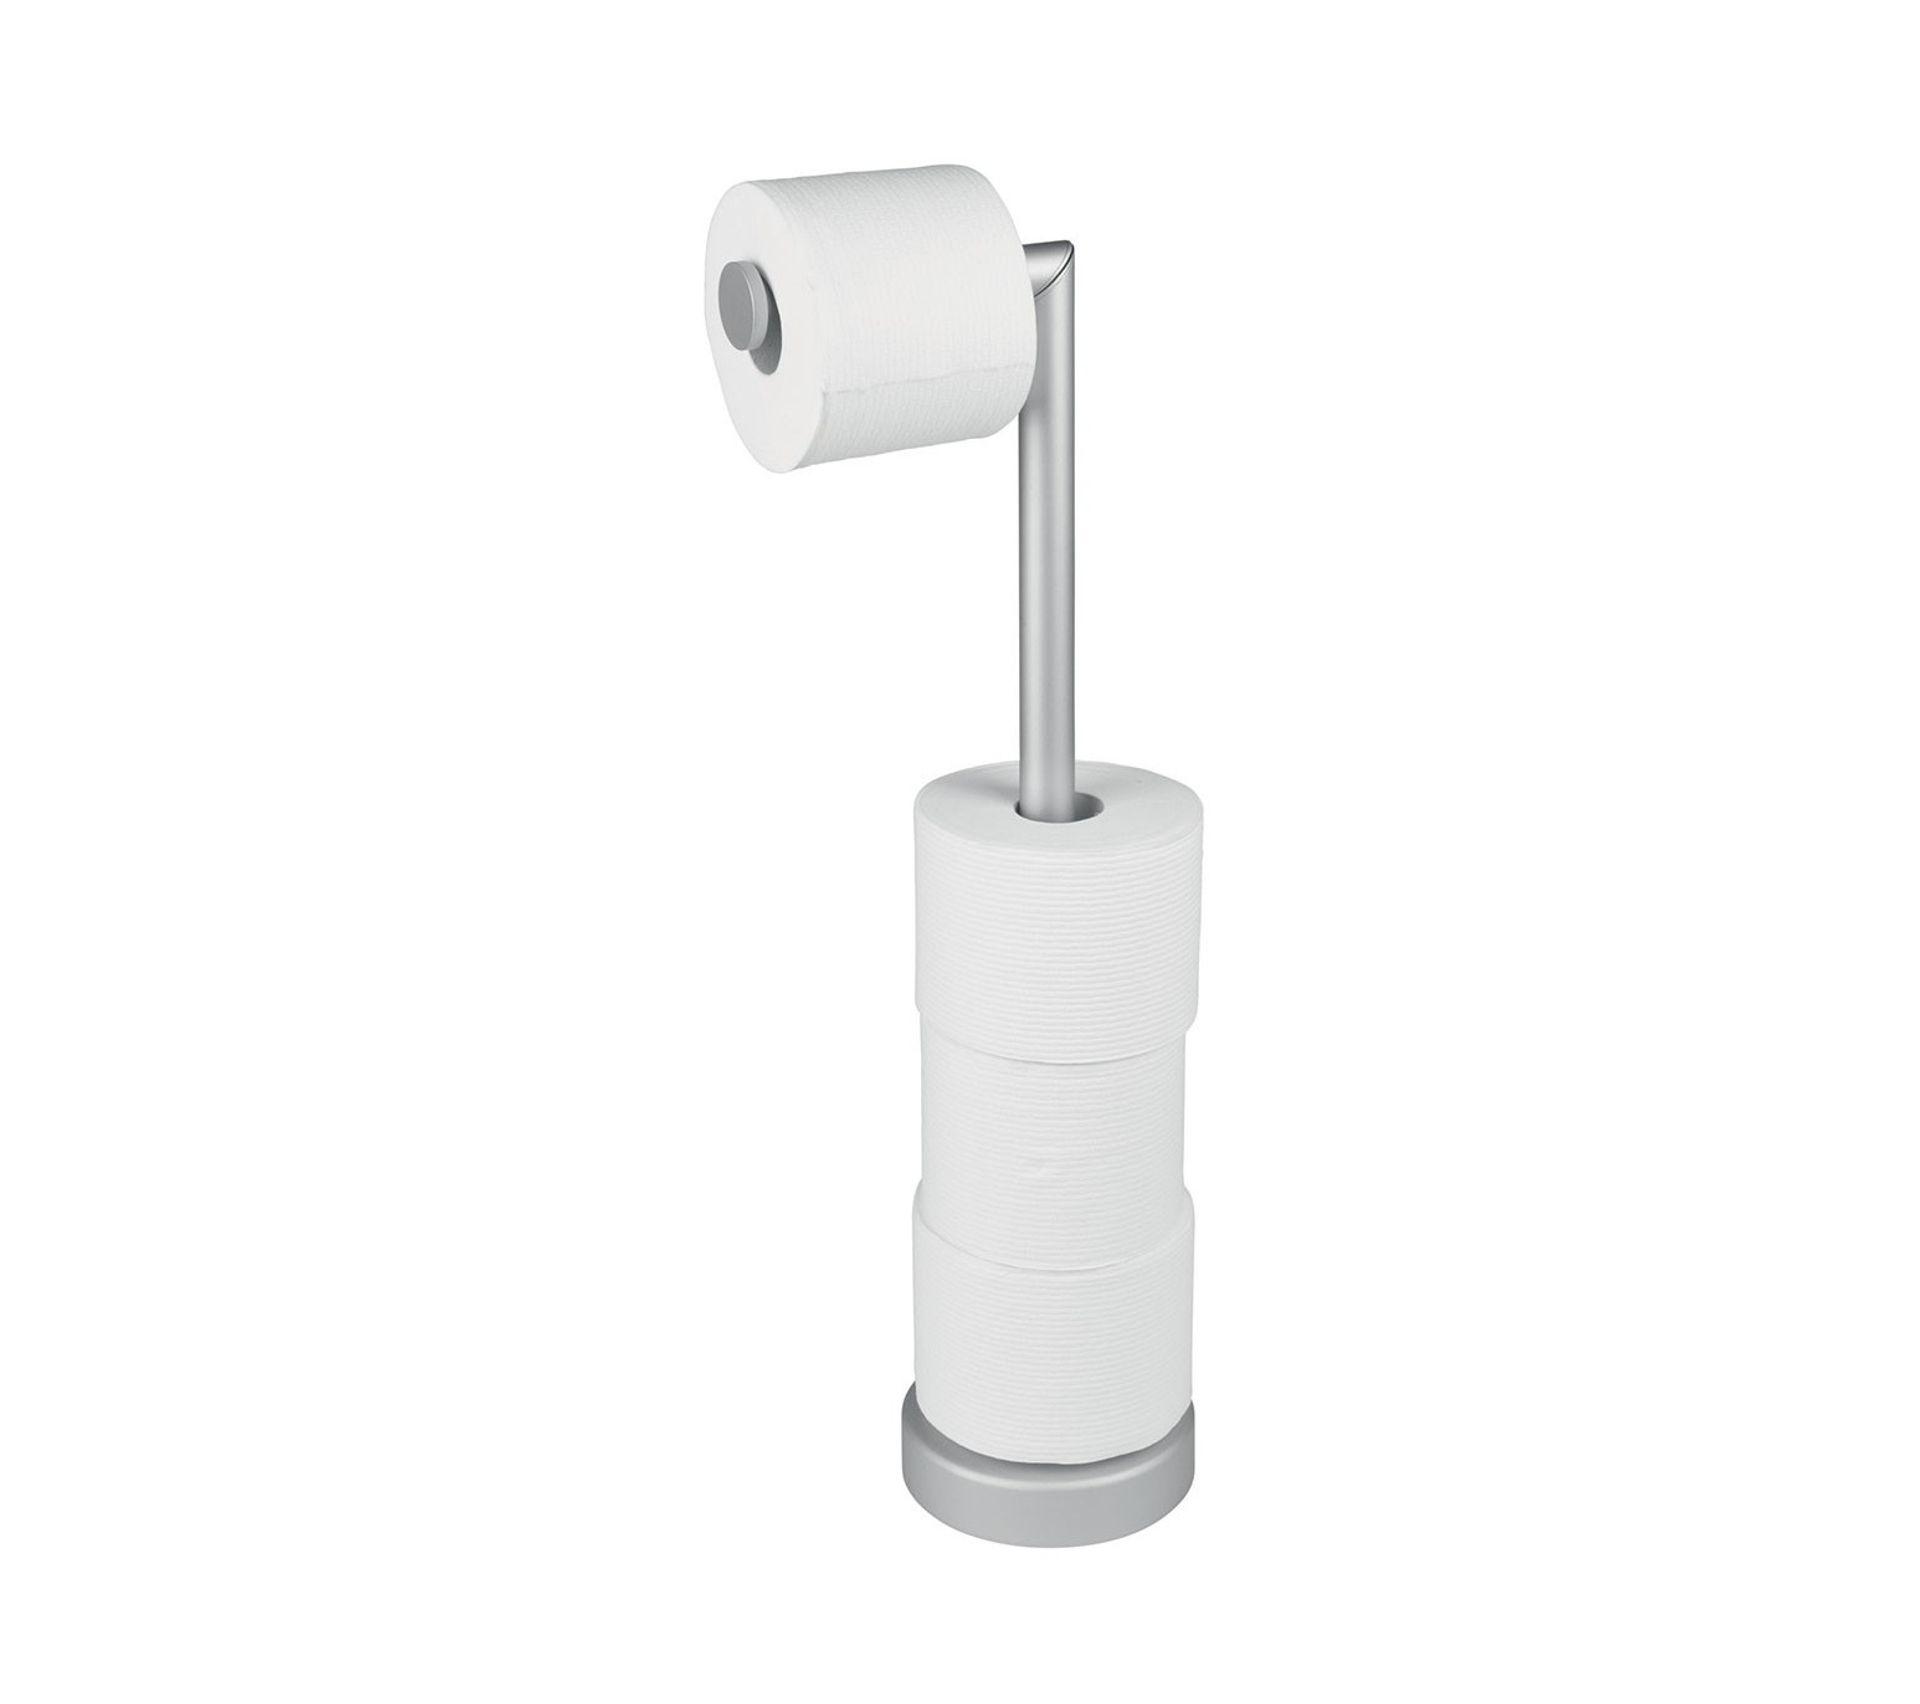 Boite Rangement Papier Wc porte papier toilette argenté